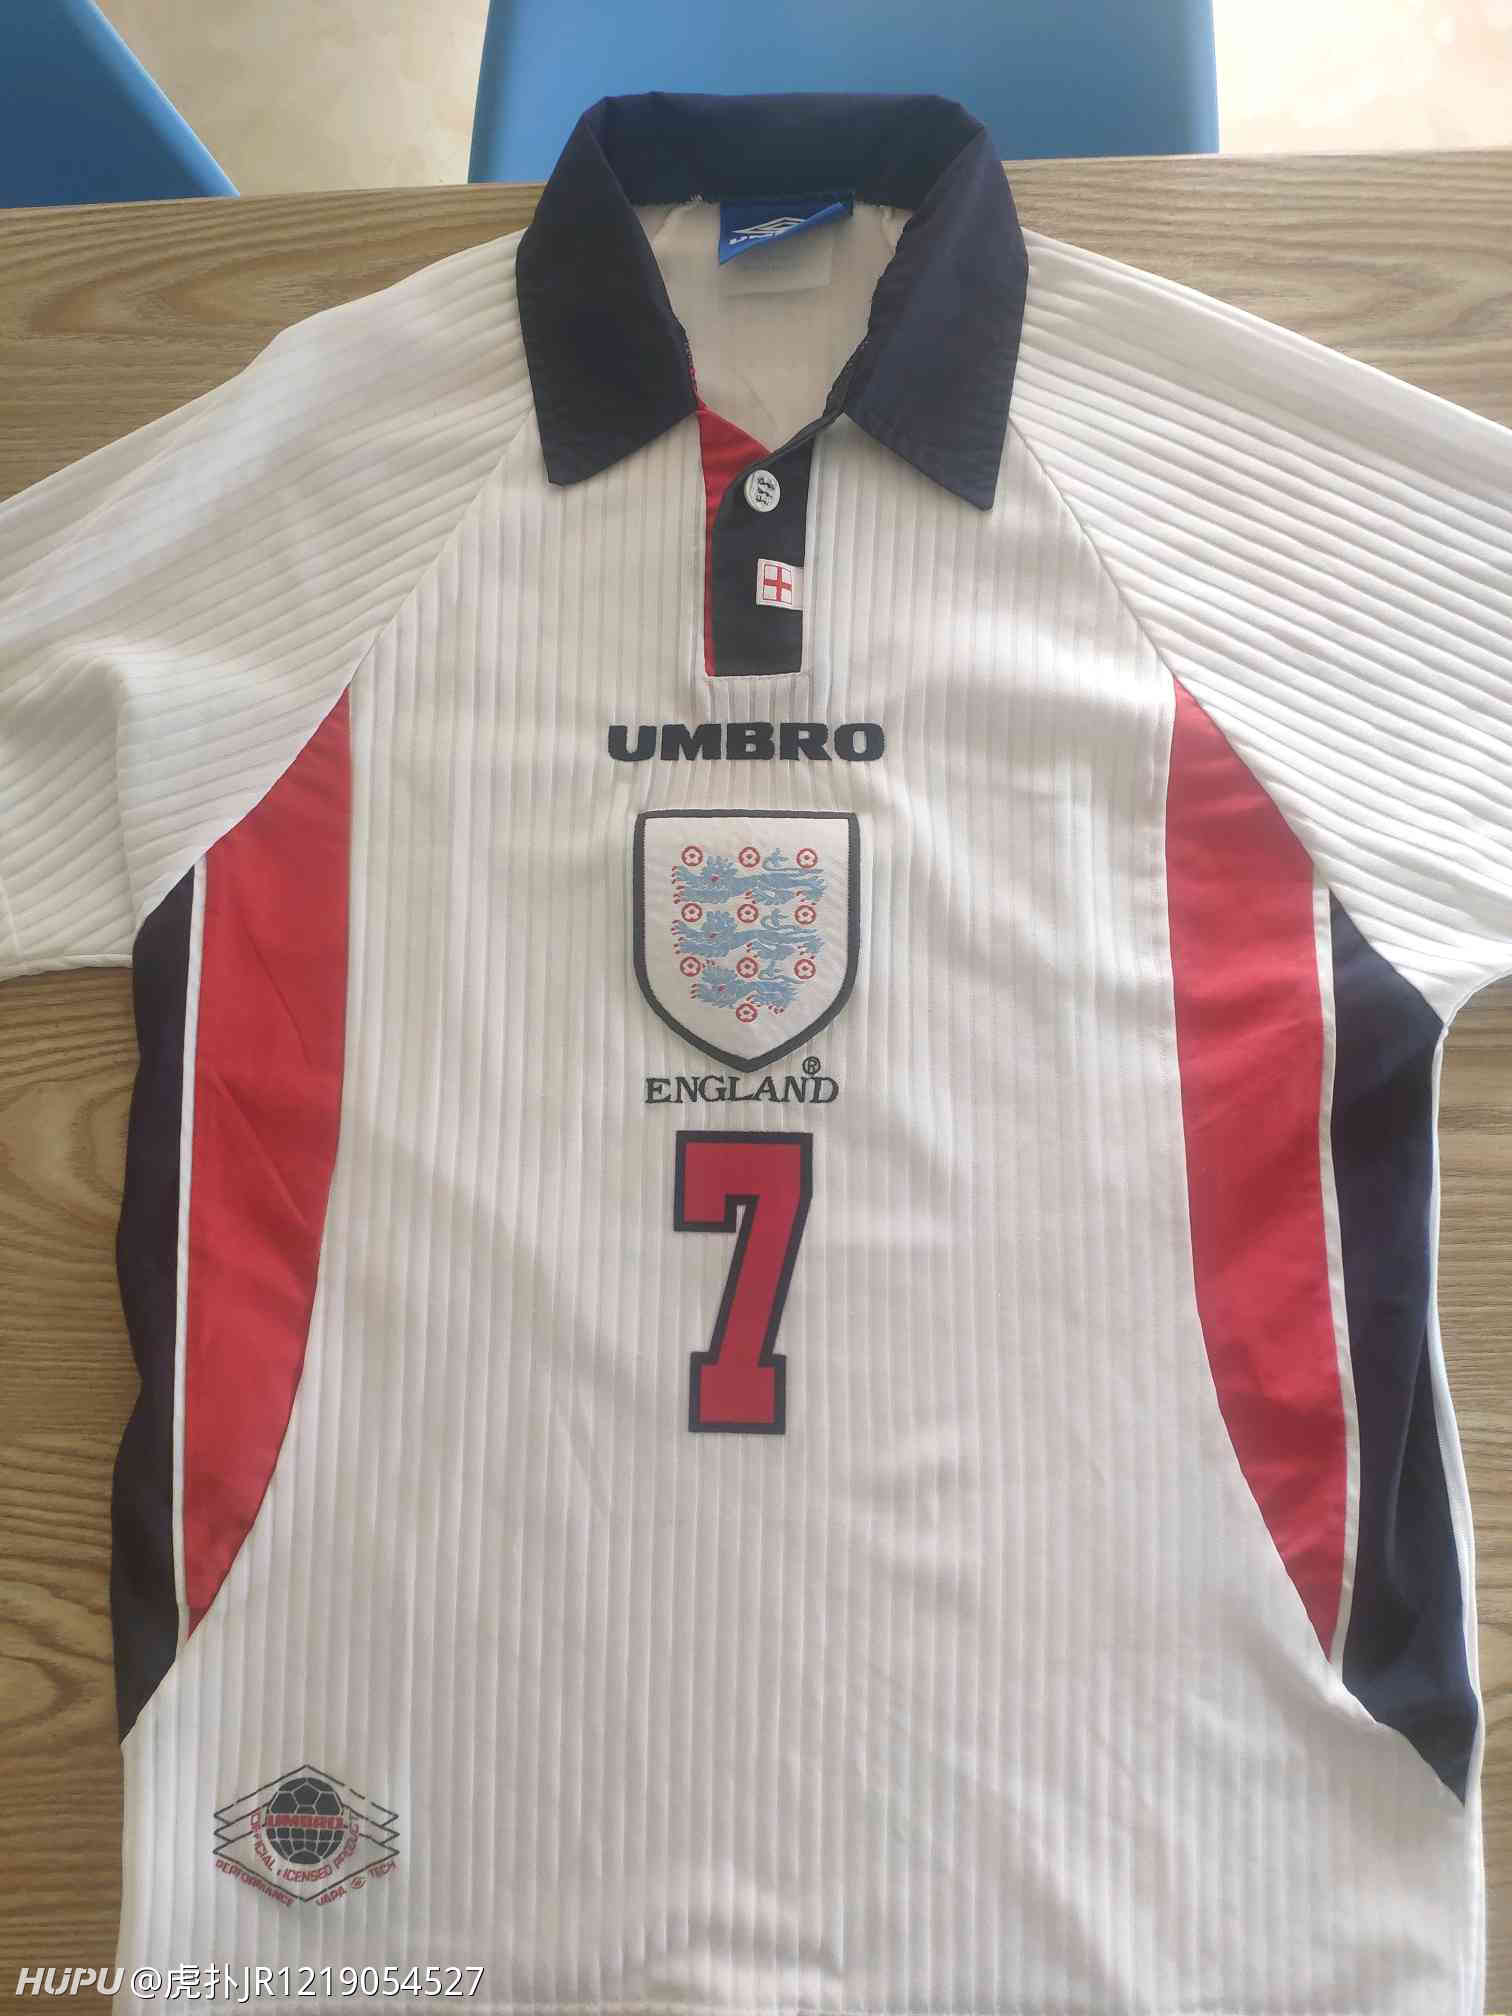 98年世界杯英格兰小贝球衣(求大神鉴定)  足球话题区